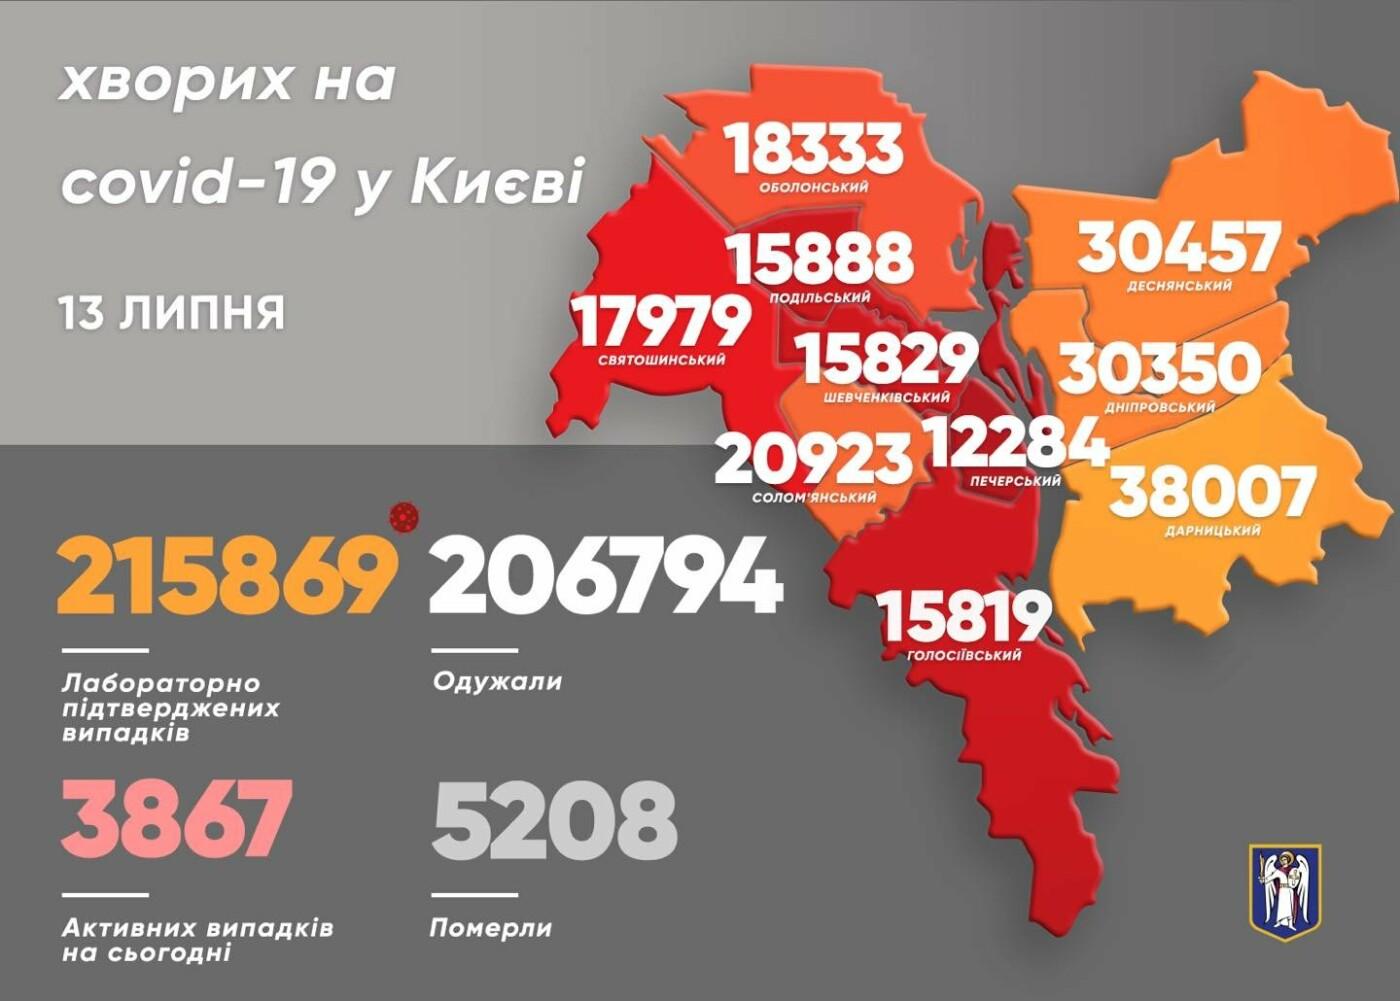 Статистика на 13 июля, Картинка: Виталий Кличко